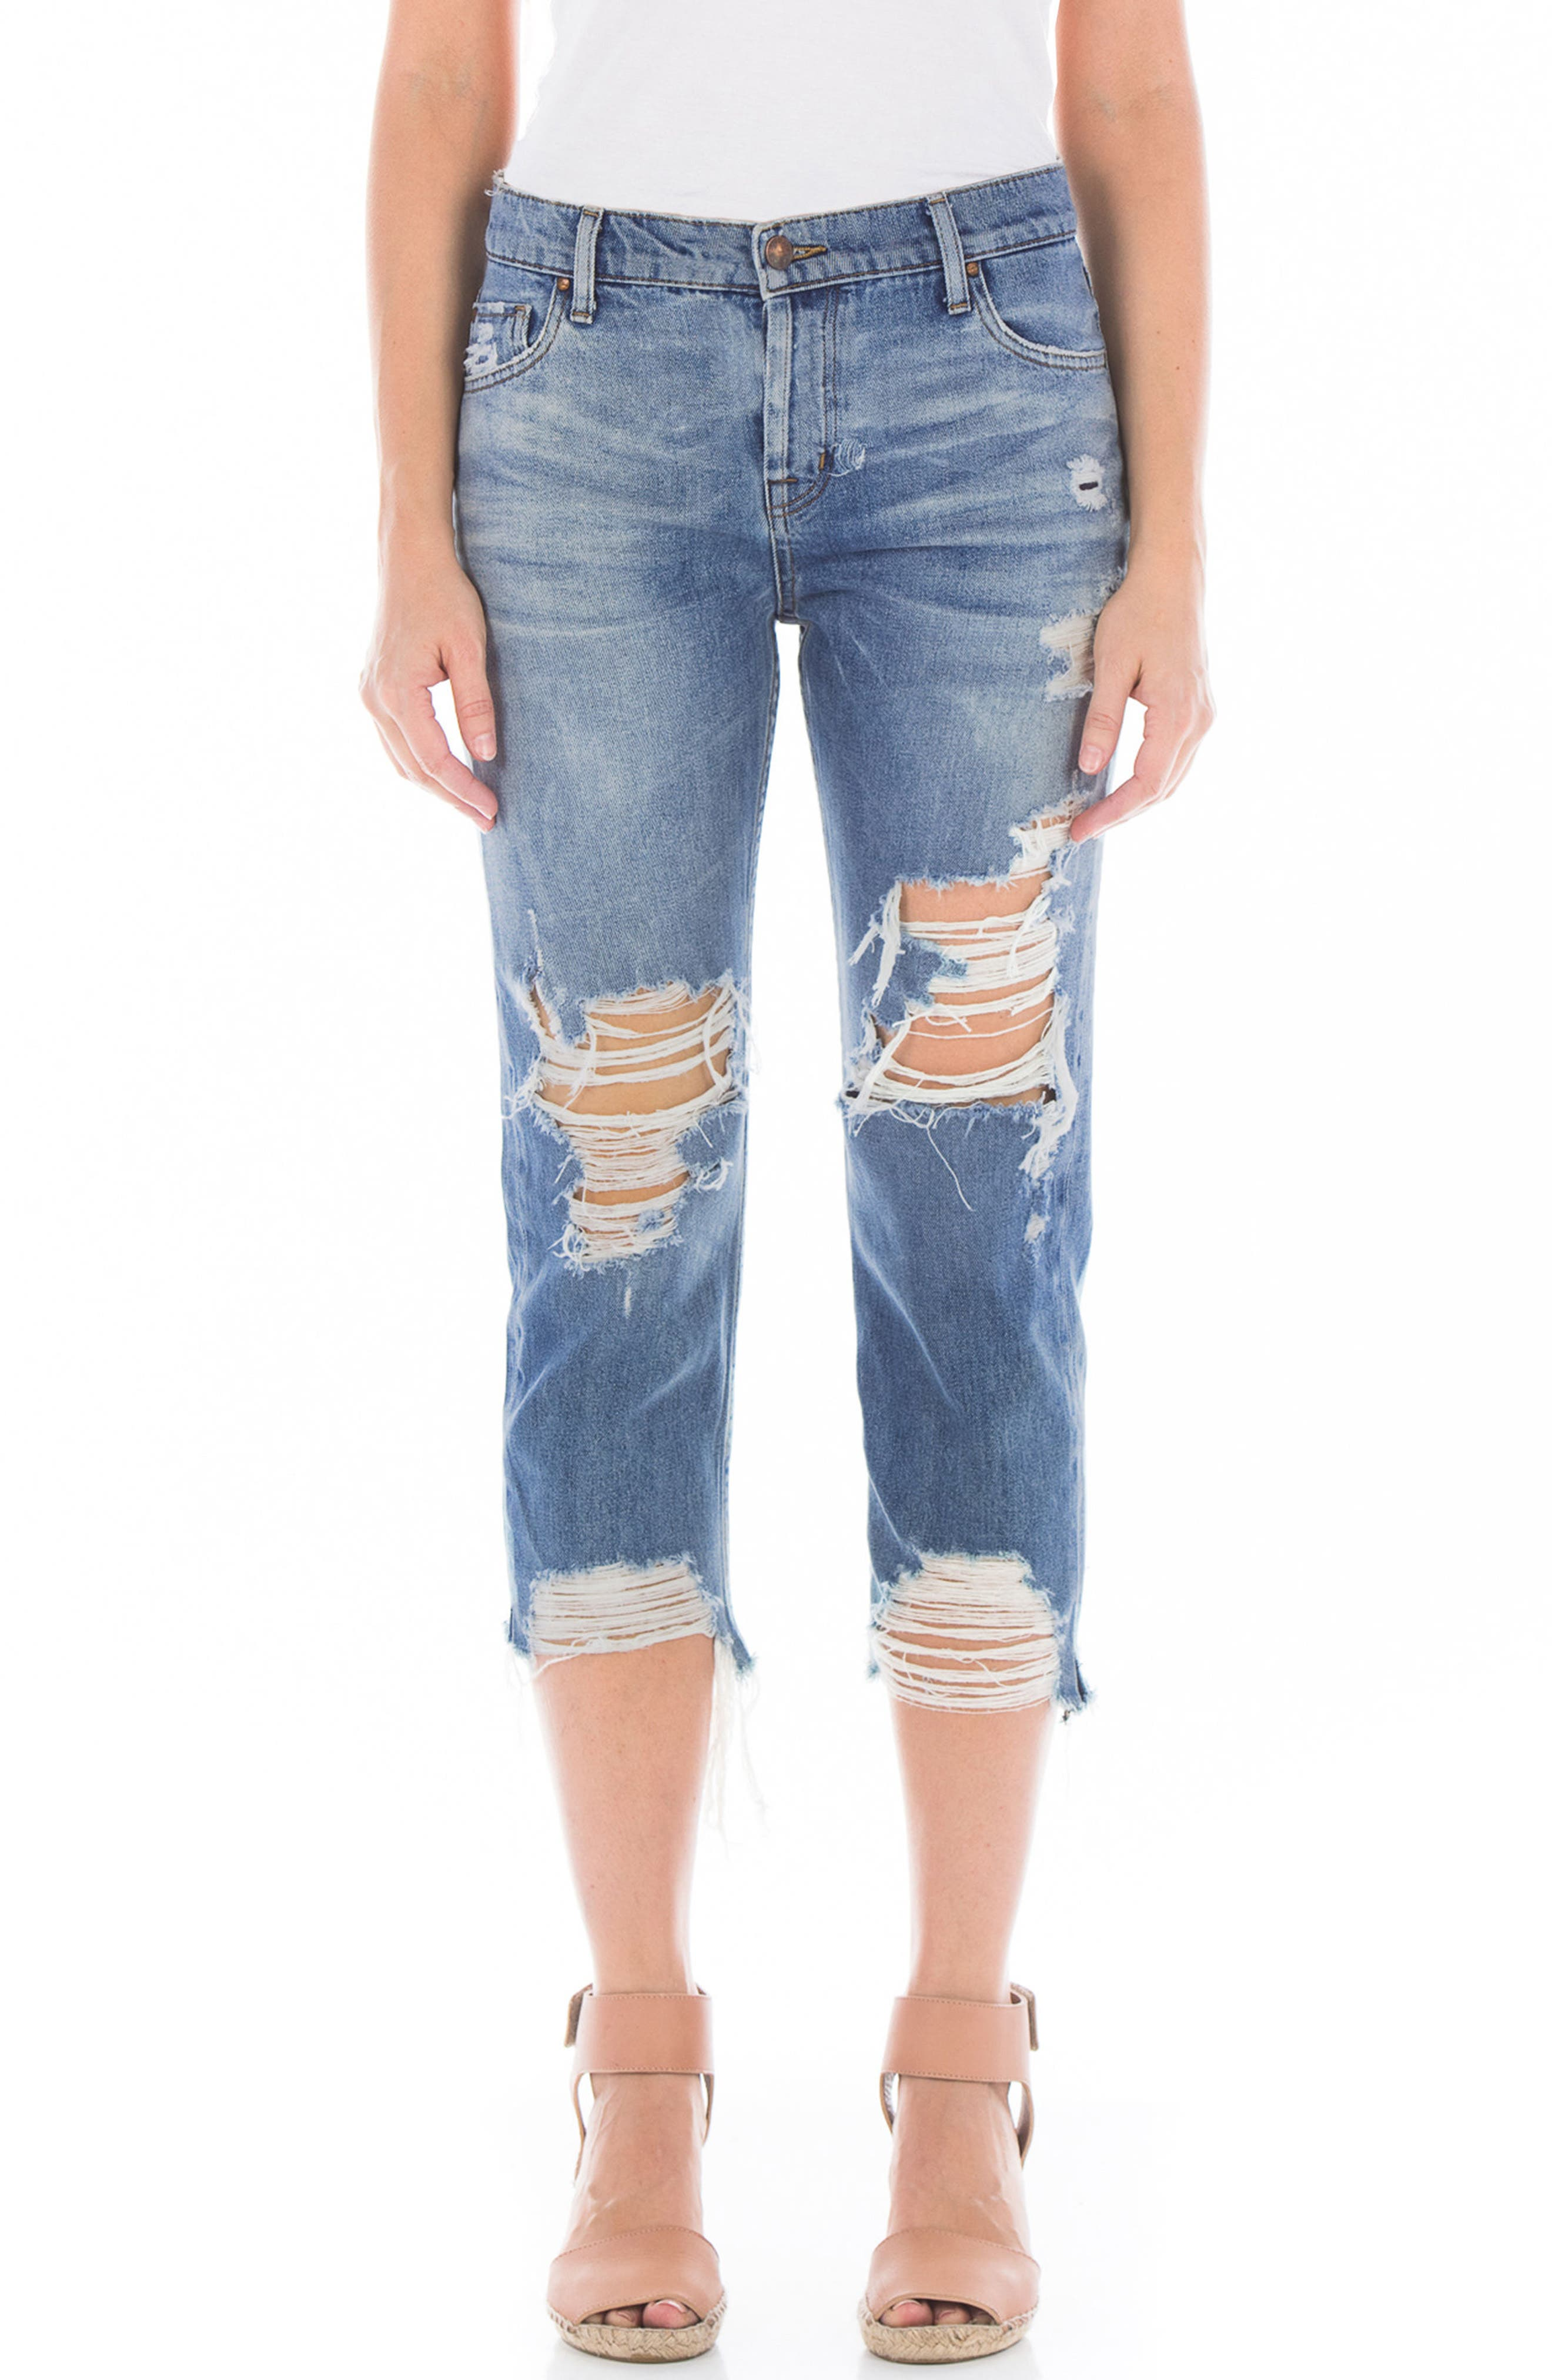 Main Image - Fidelity Denim Dee Dee Ripped Crop Jeans (Rip N Repair)